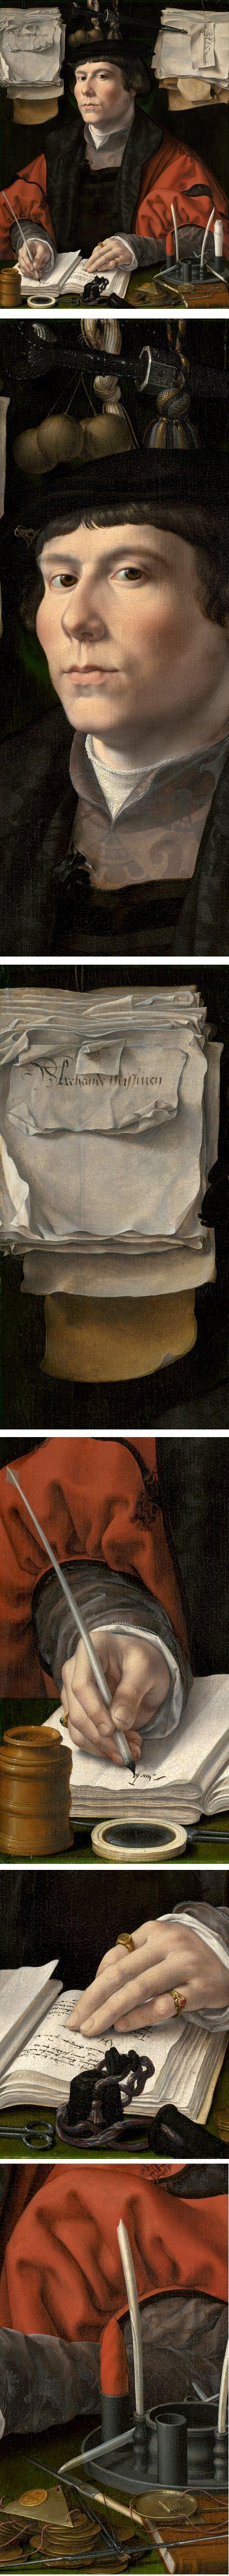 Portrait of a Merchant, Jan Gossaert